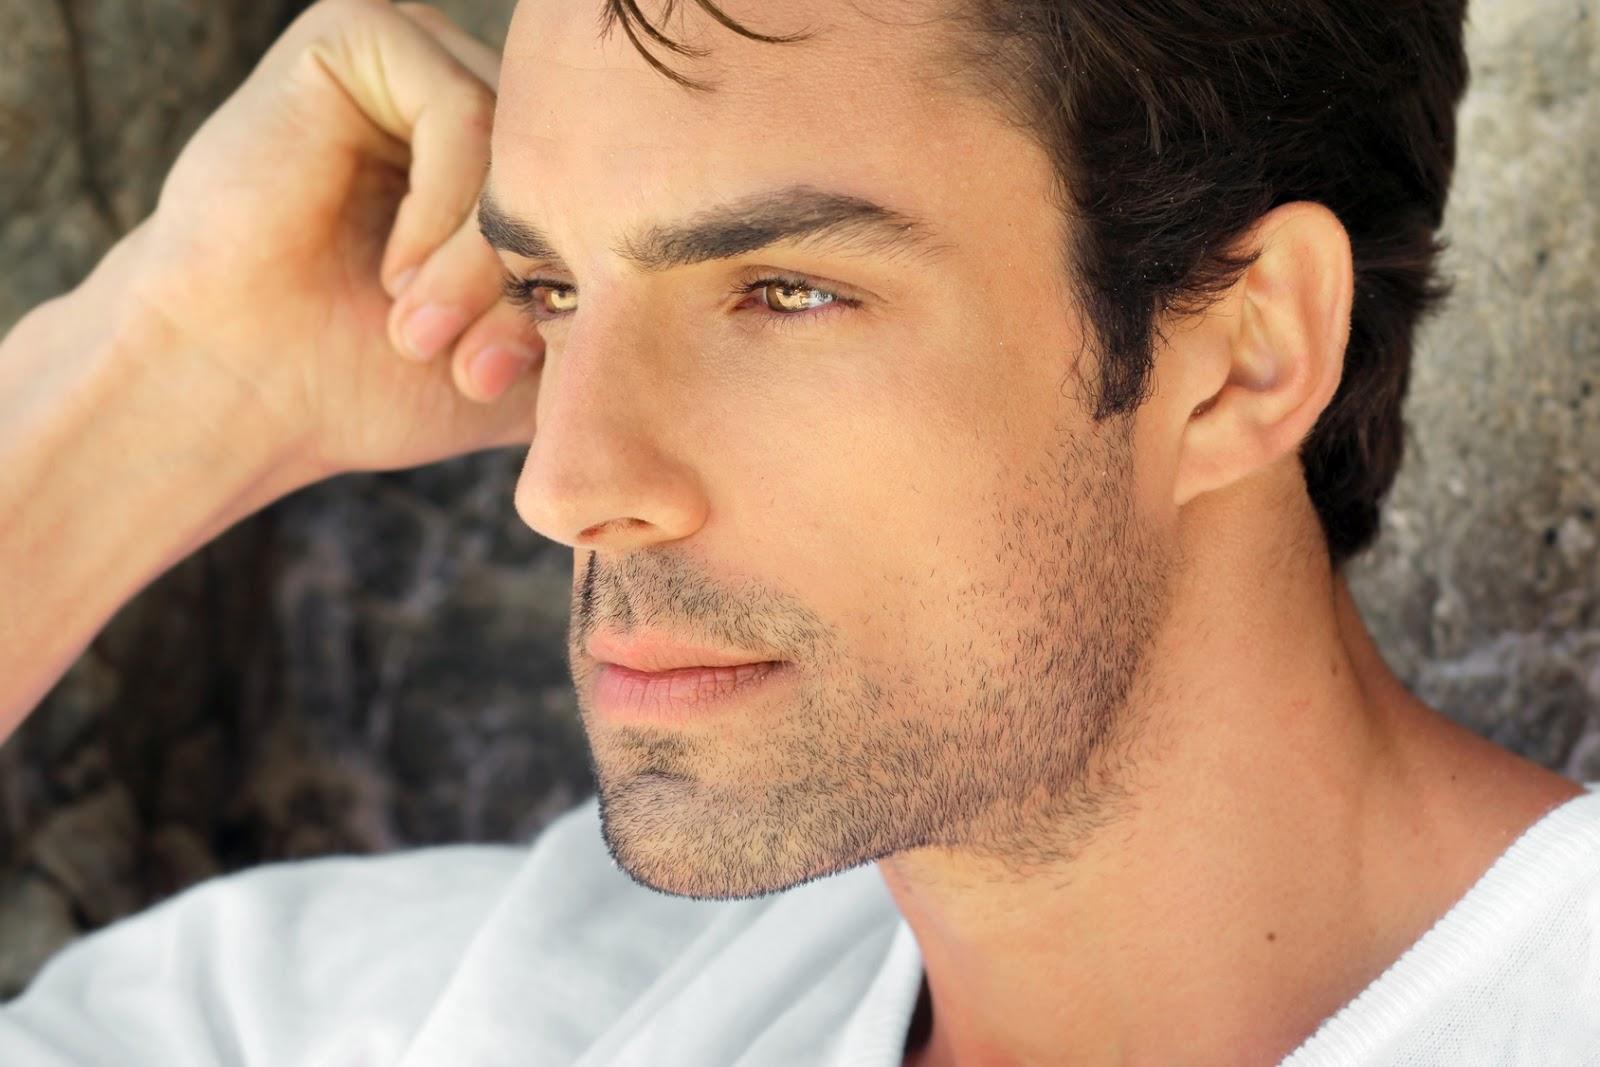 Personalstyleid Top 4 Eyebrow Grooming Tips For Men Tutorial